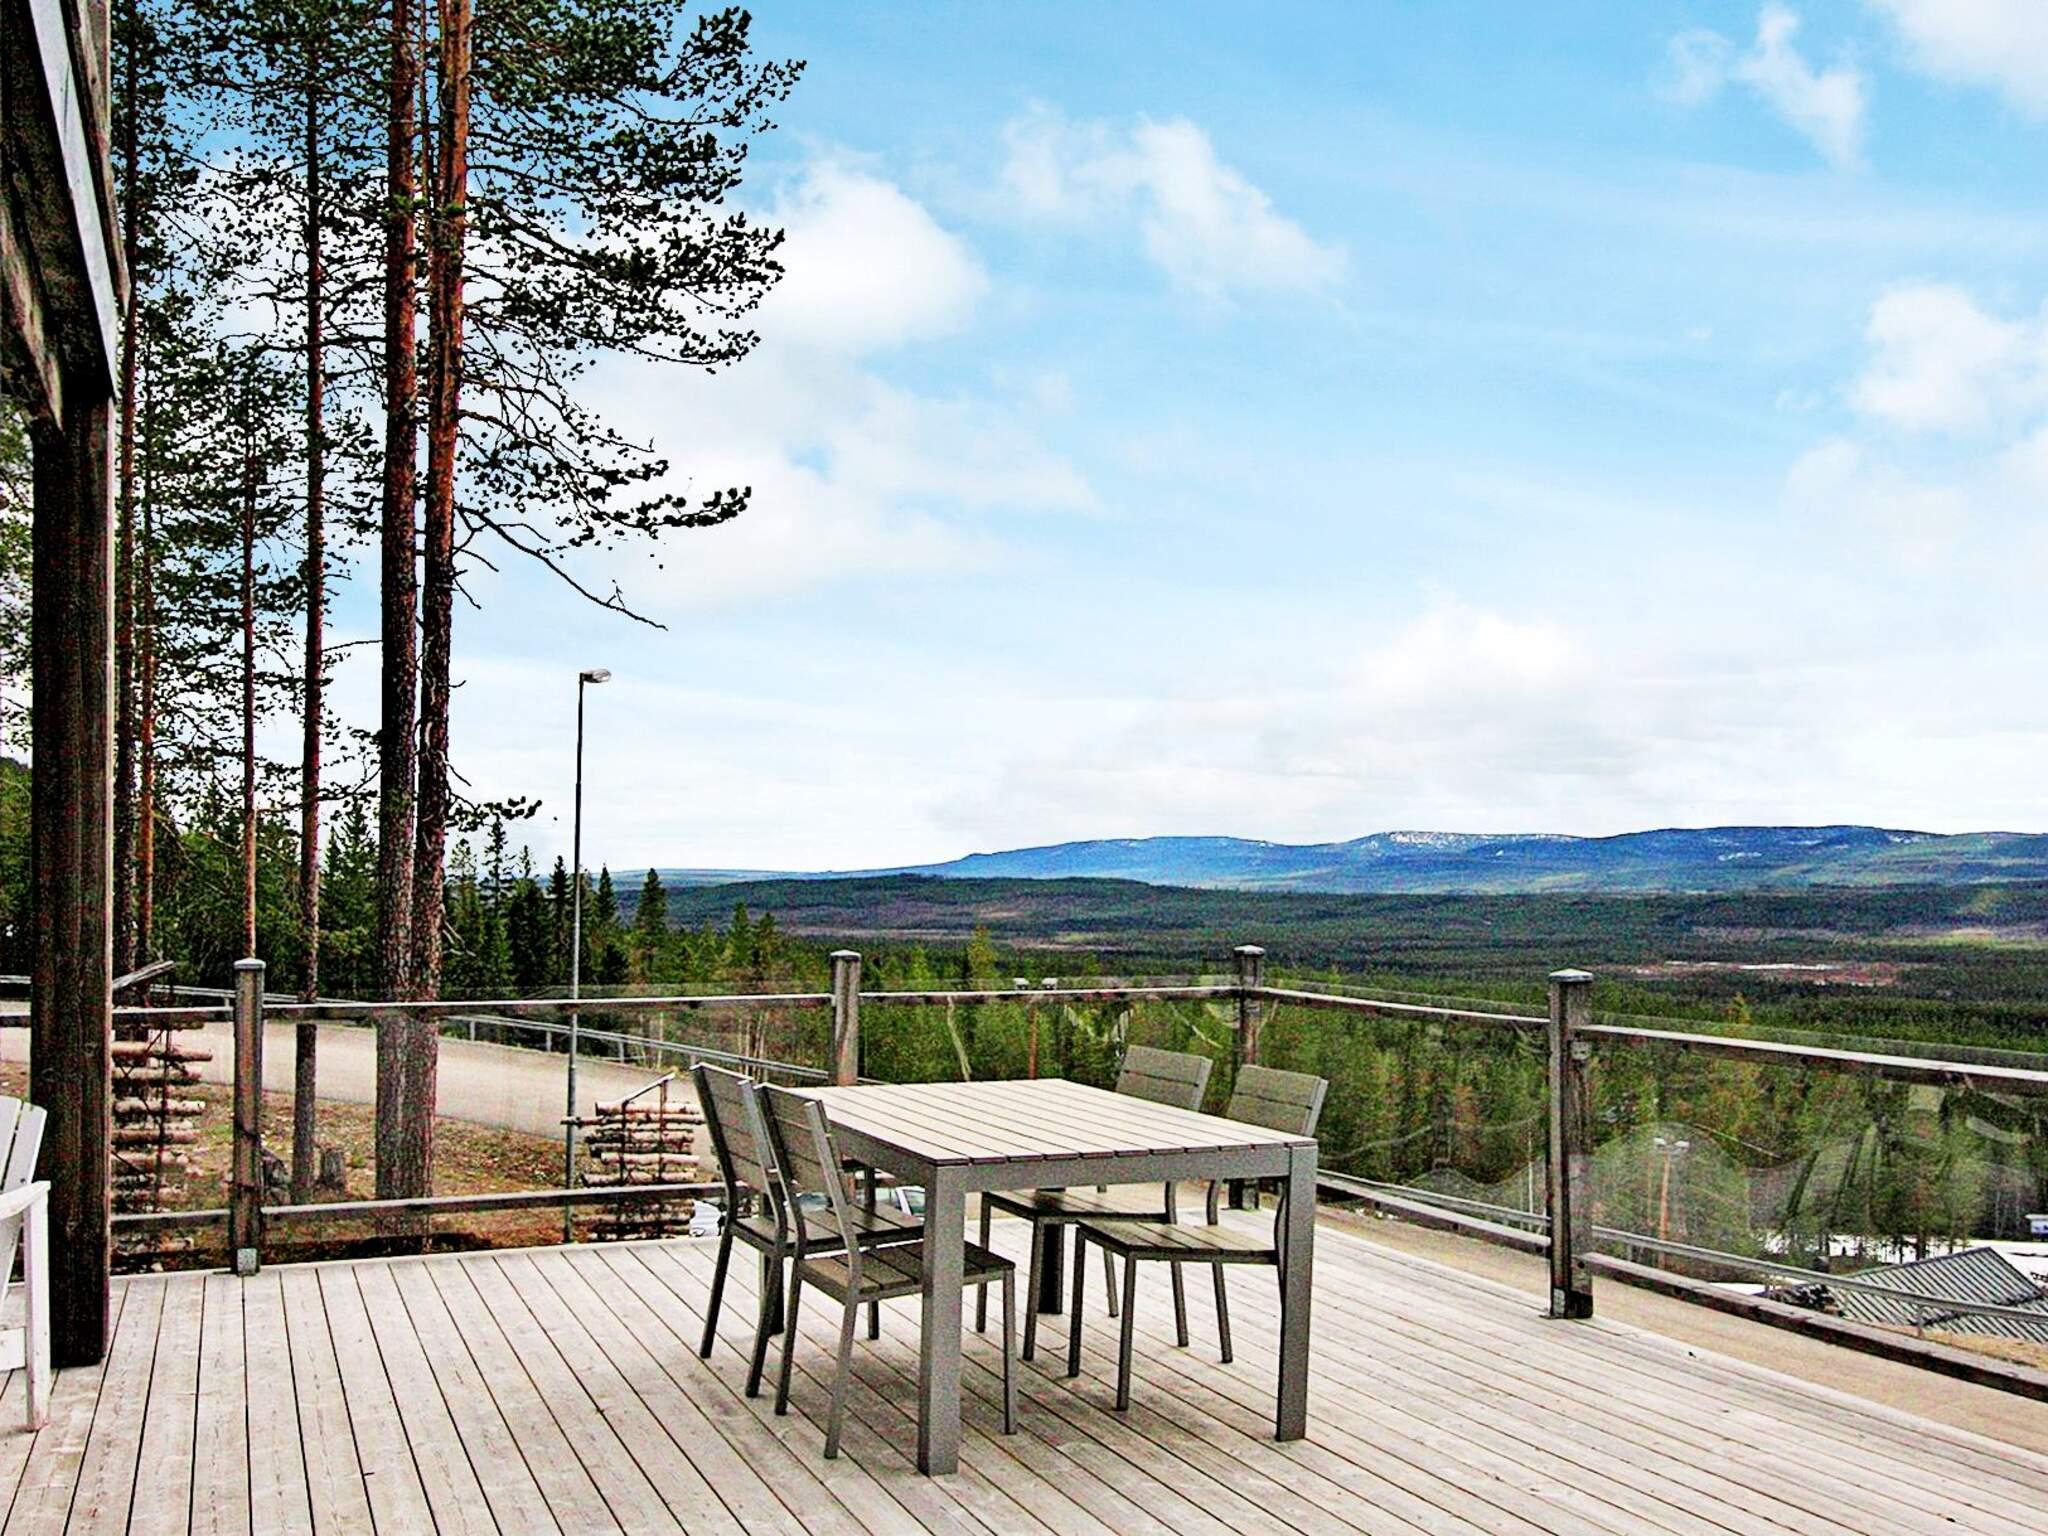 Ferienhaus Vemdalen (2744399), Vemdalen, Jämtlands län, Nordschweden, Schweden, Bild 13